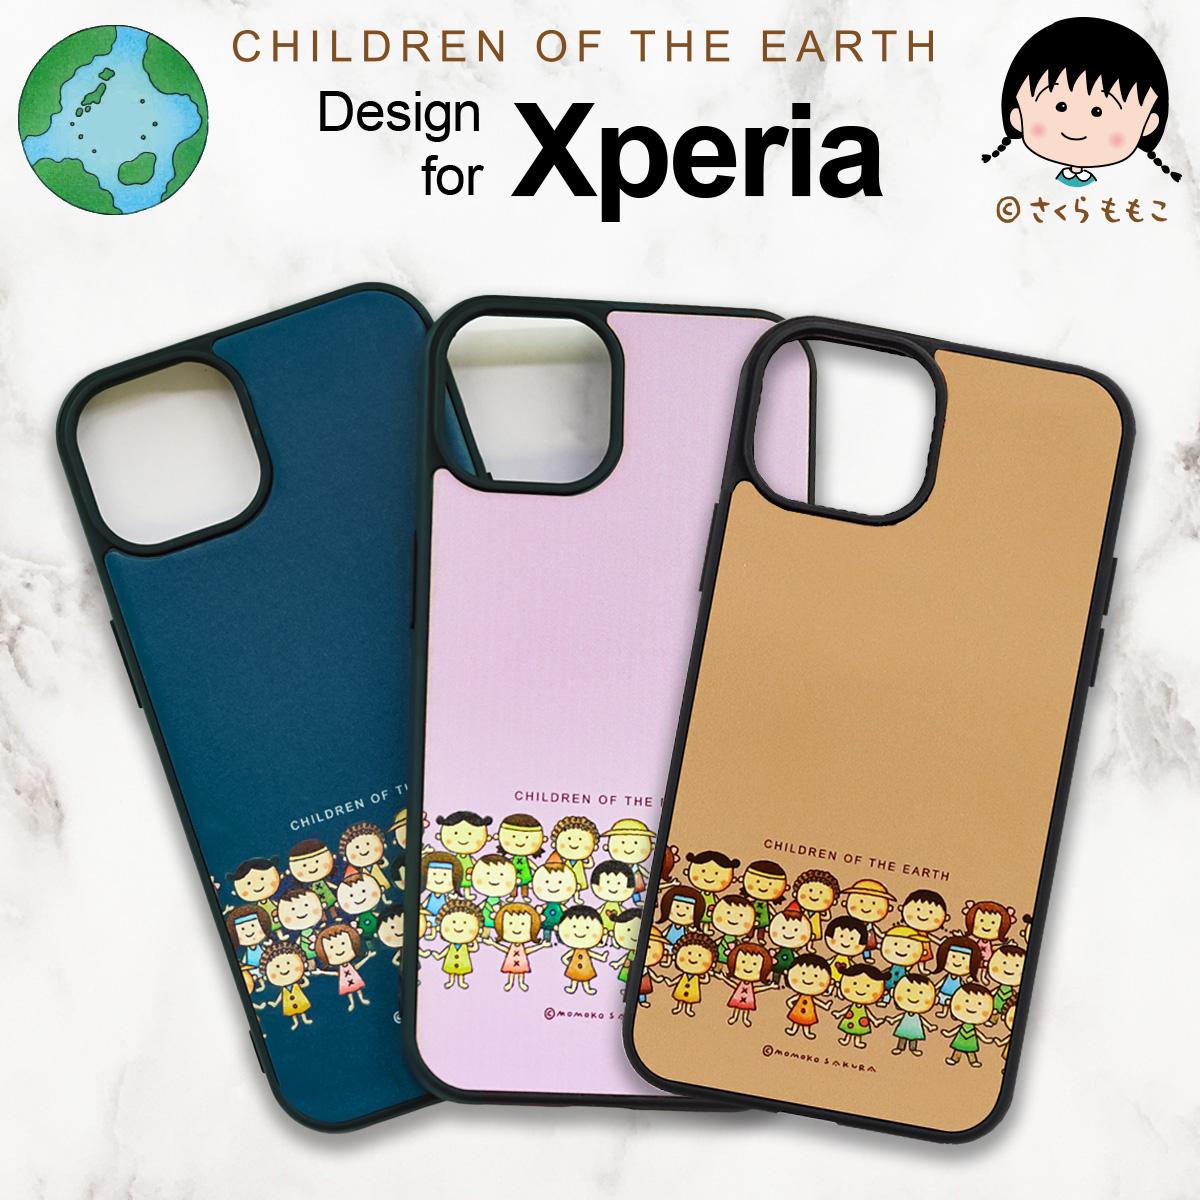 さくらももこ 地球の子供たち Xperia ケース XZ3 Xperia 5 II Xperia 1 Xperia 1 Professional Edition  Xperia 10 Xperia ACE II ハードカバー ハードケース エクスペリア スマホケース ストラップホール シンプル レディース メンズ